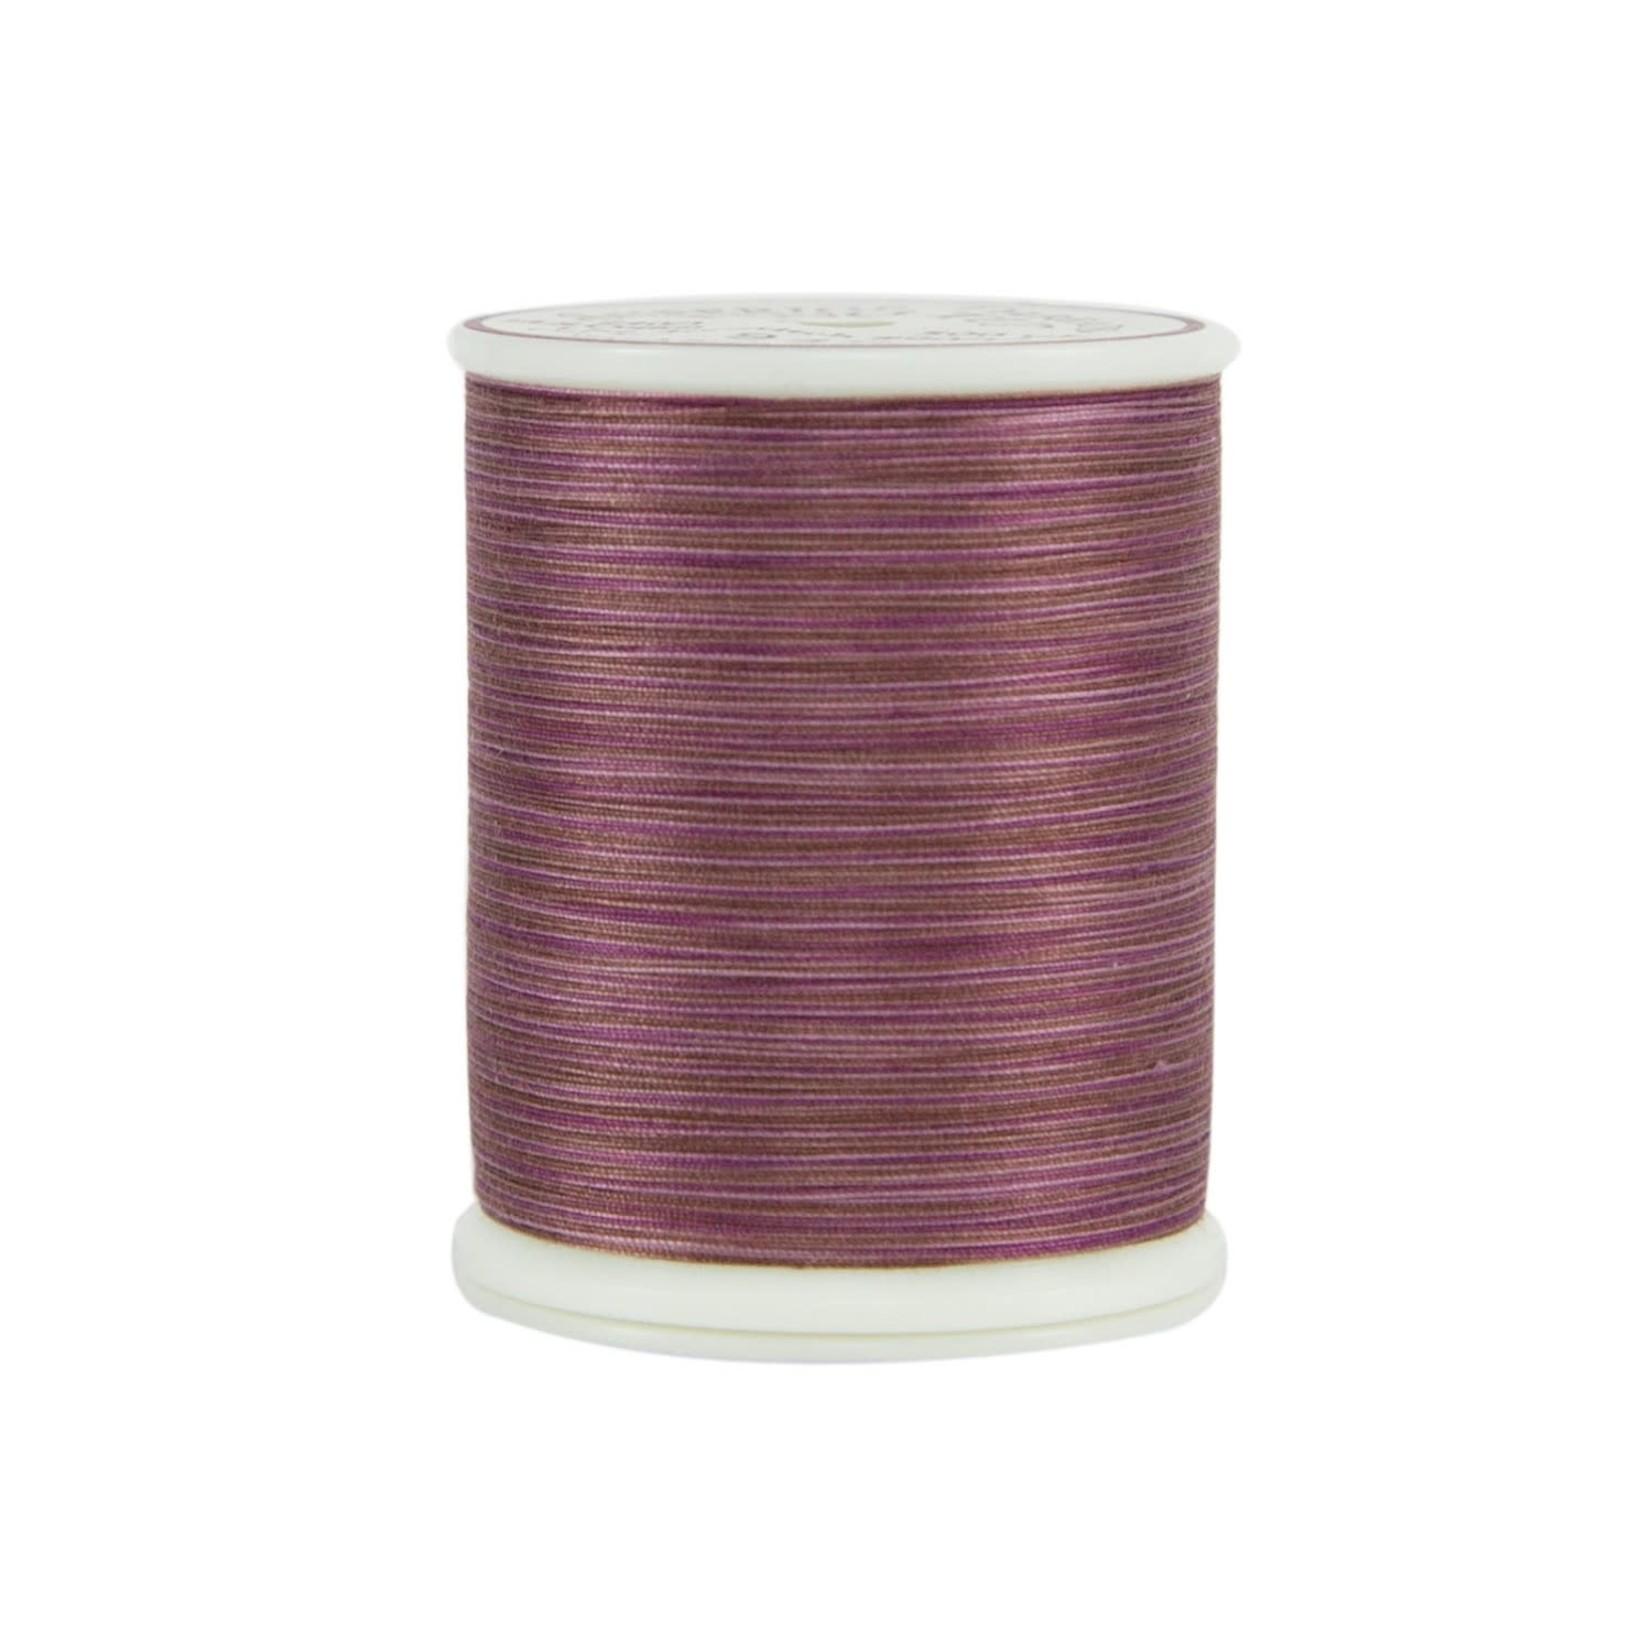 Superior Threads King Tut - #40 - 457 m - 0949 Brandywine